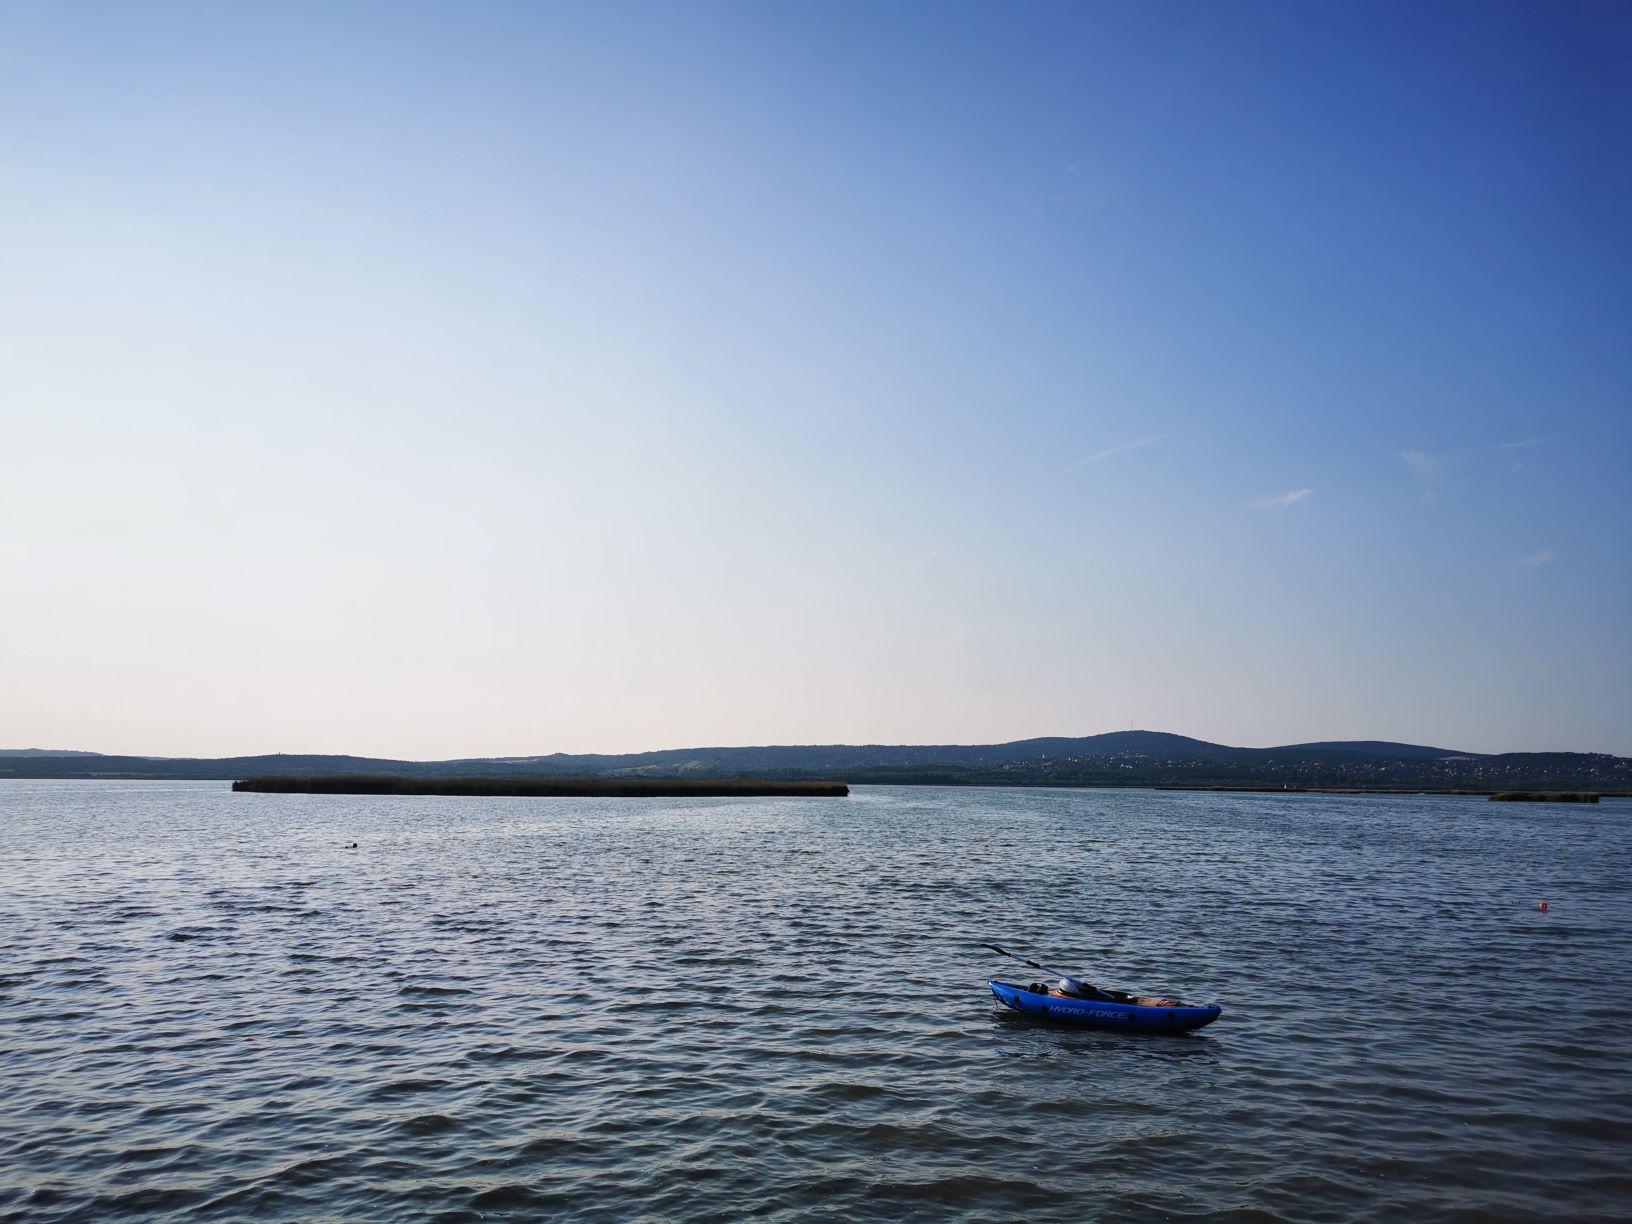 Velencei-tó: Szinte festői, ahogy a csónak ringatózott a tükrén, itt nem érződött, hogy bármi baj volna